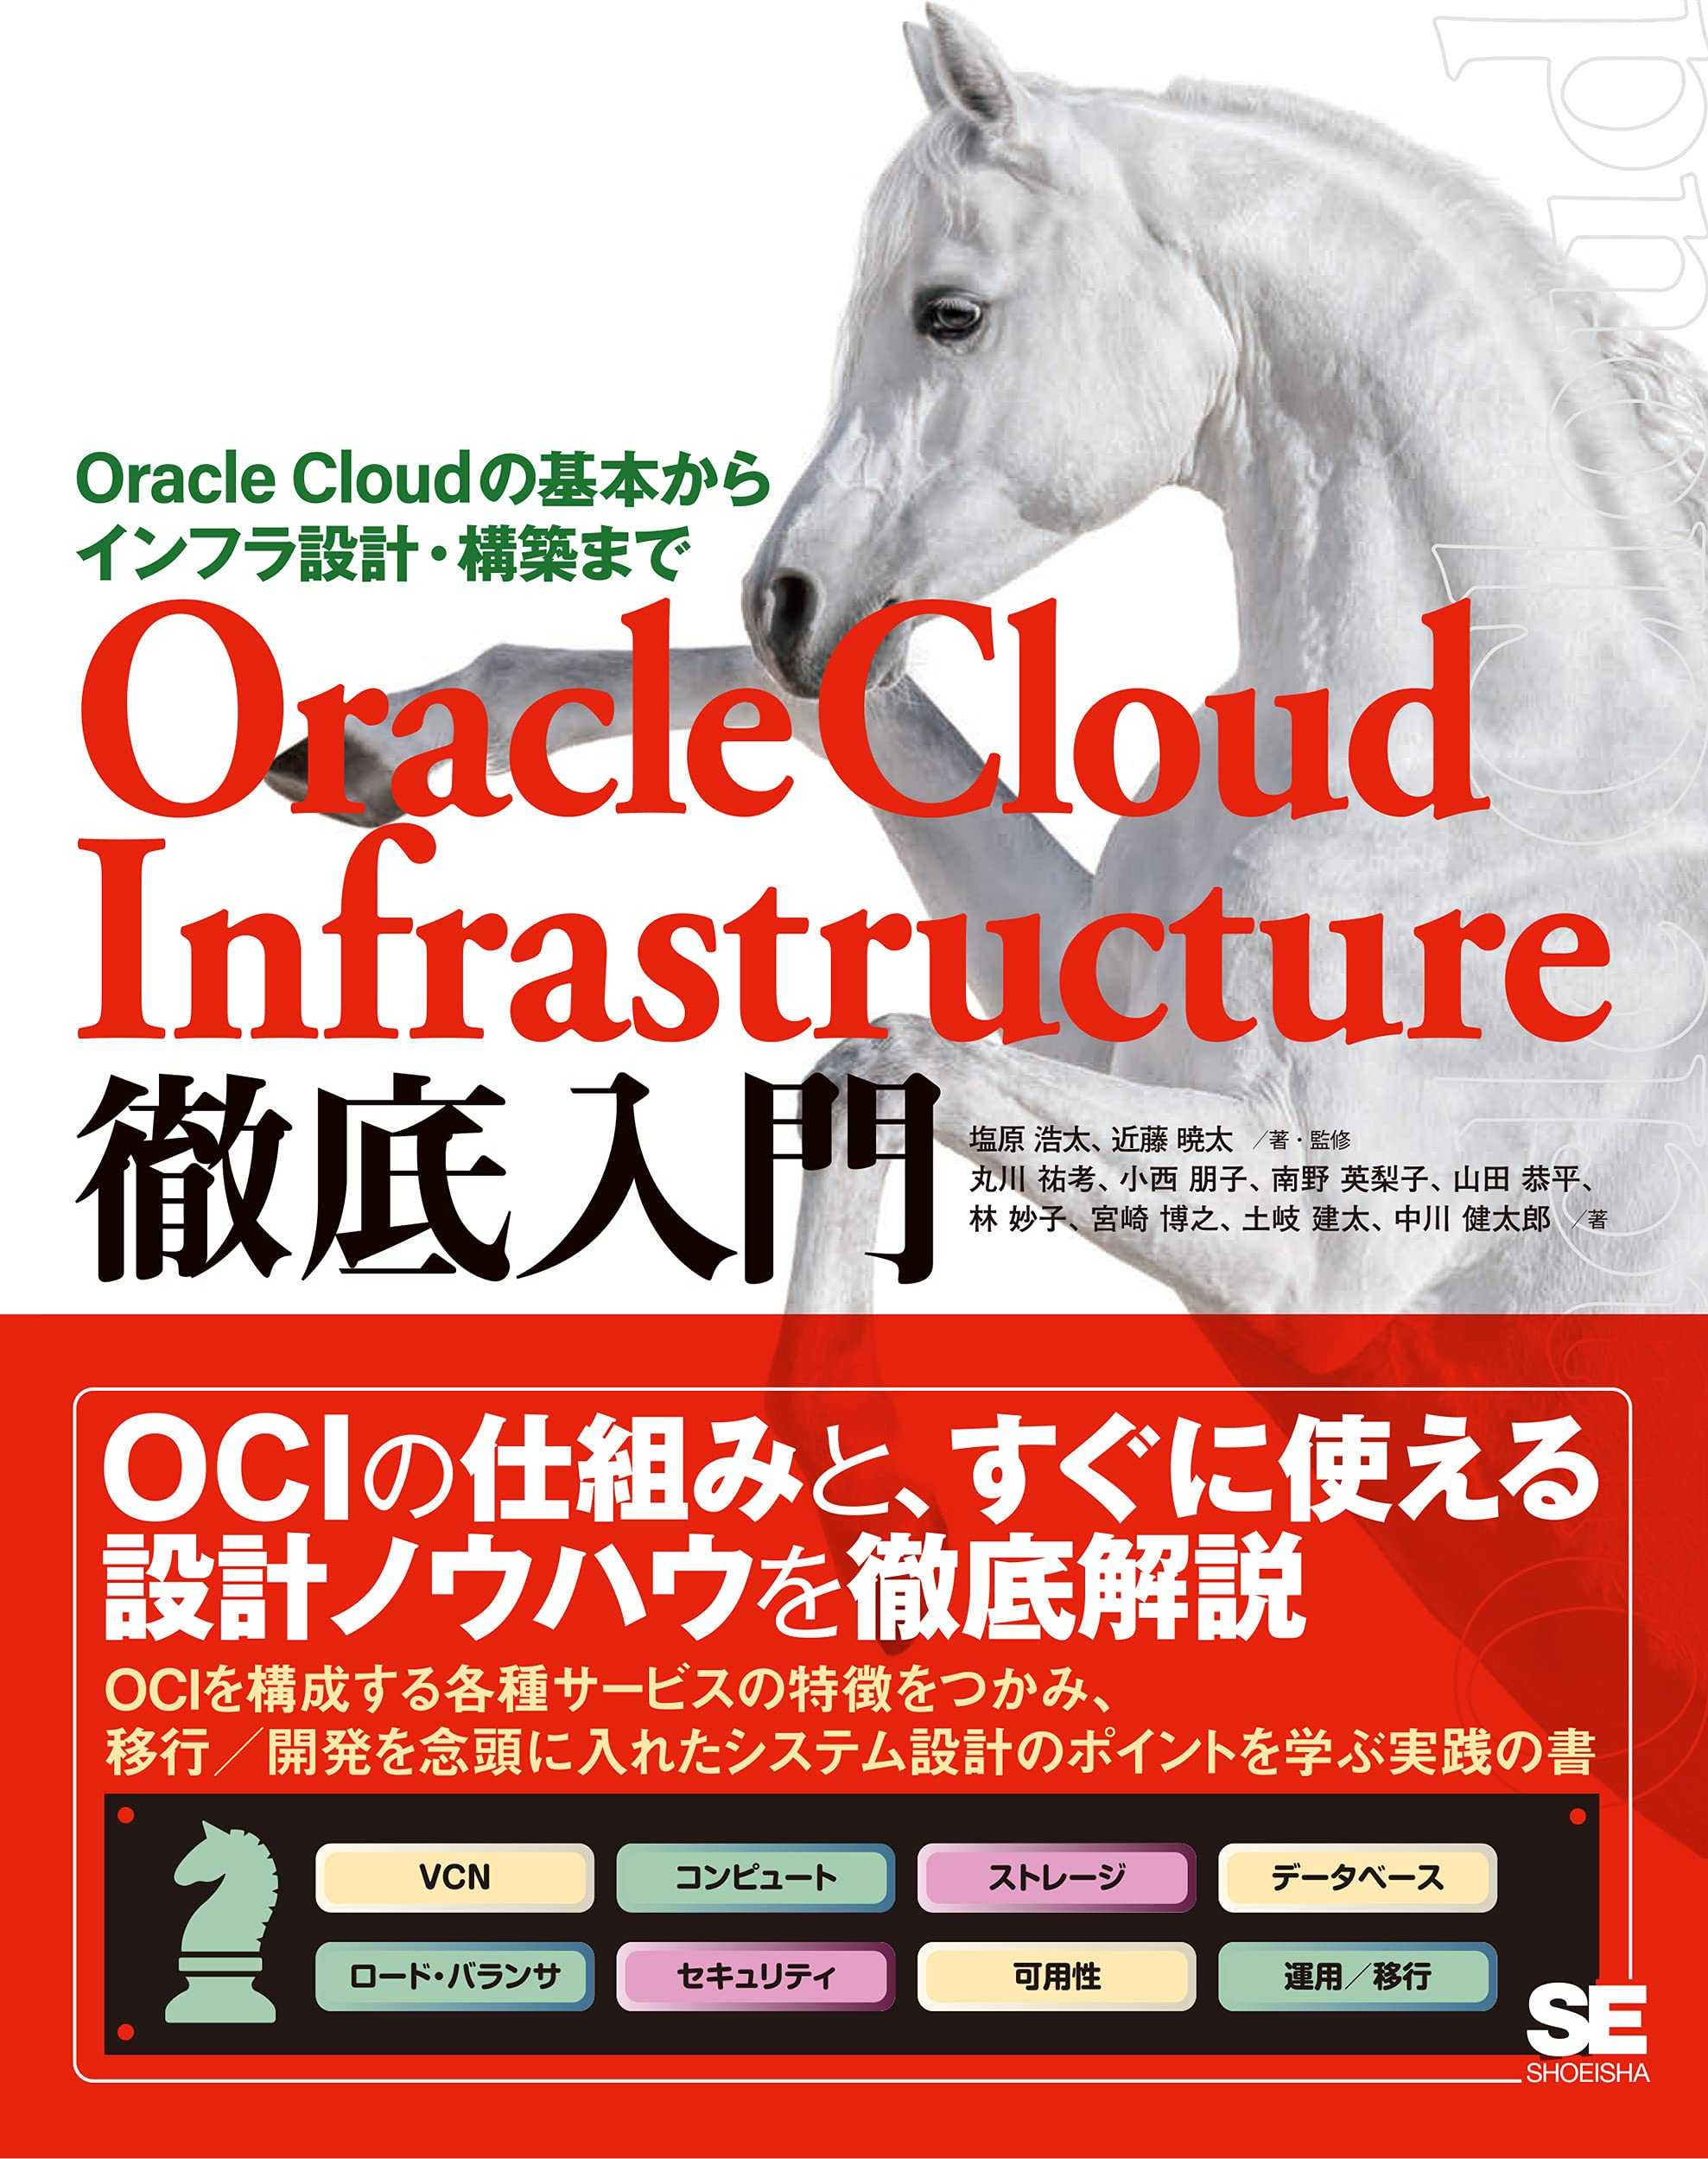 書籍「Oracle Cloud Infrastructure徹底入門」の紹介